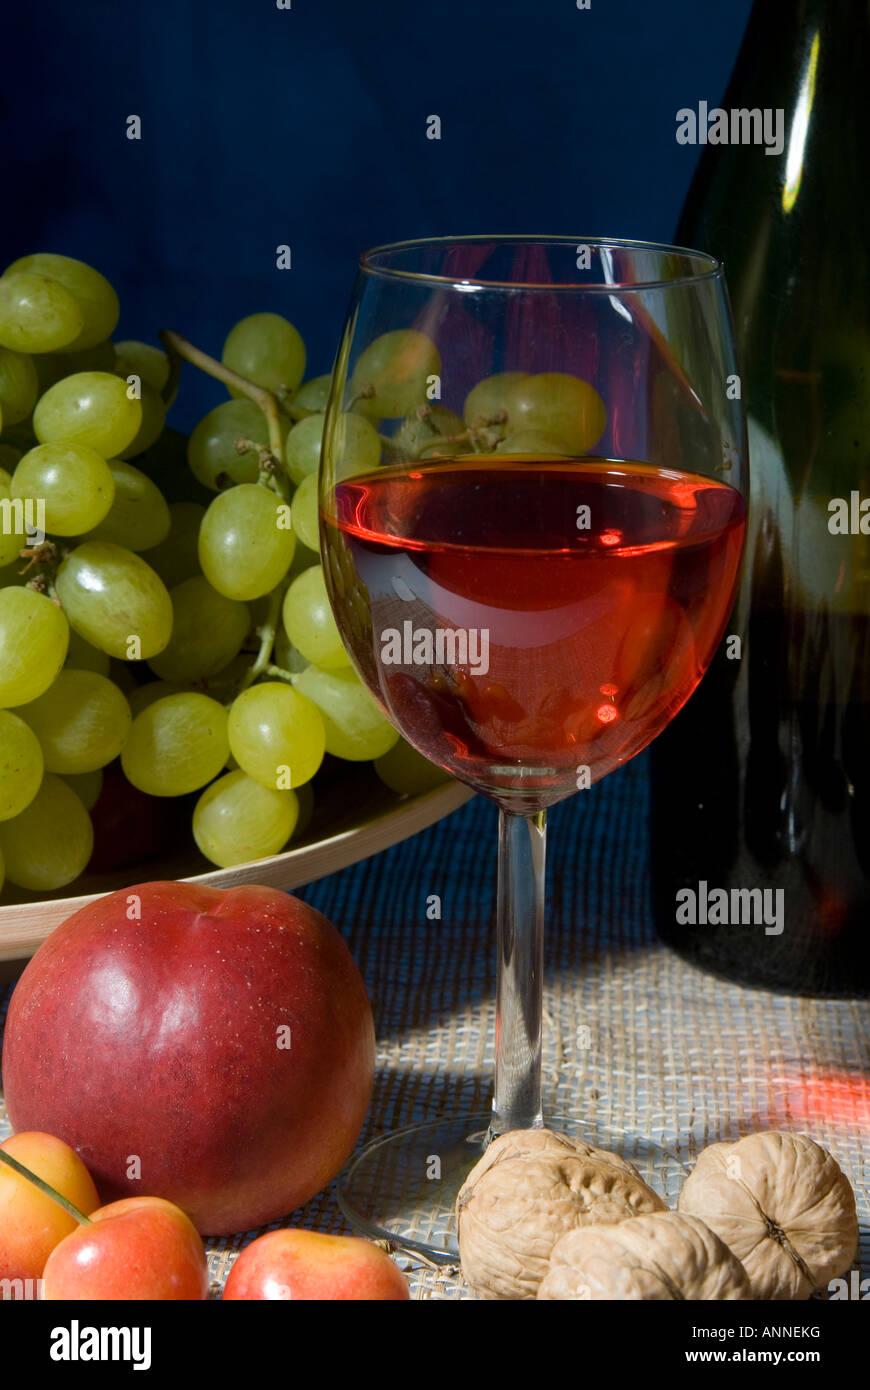 Classic still life con una colorata ciotola di frutta e una bottiglia di vino con un wineglasses su sfondo nero Immagini Stock